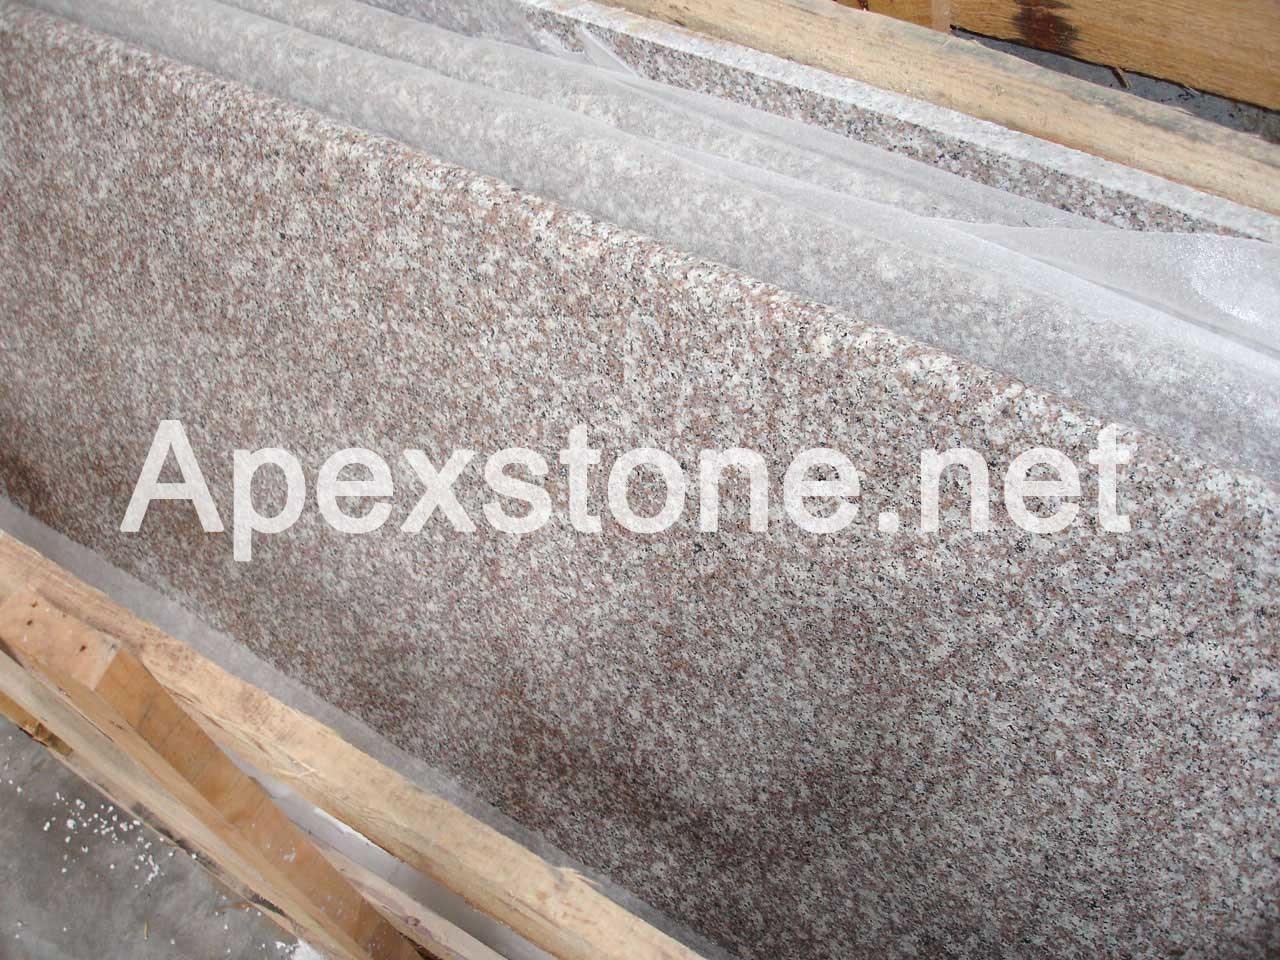 G664 Prefabricated Granite Countertop - China Prefabricated Countertop ...